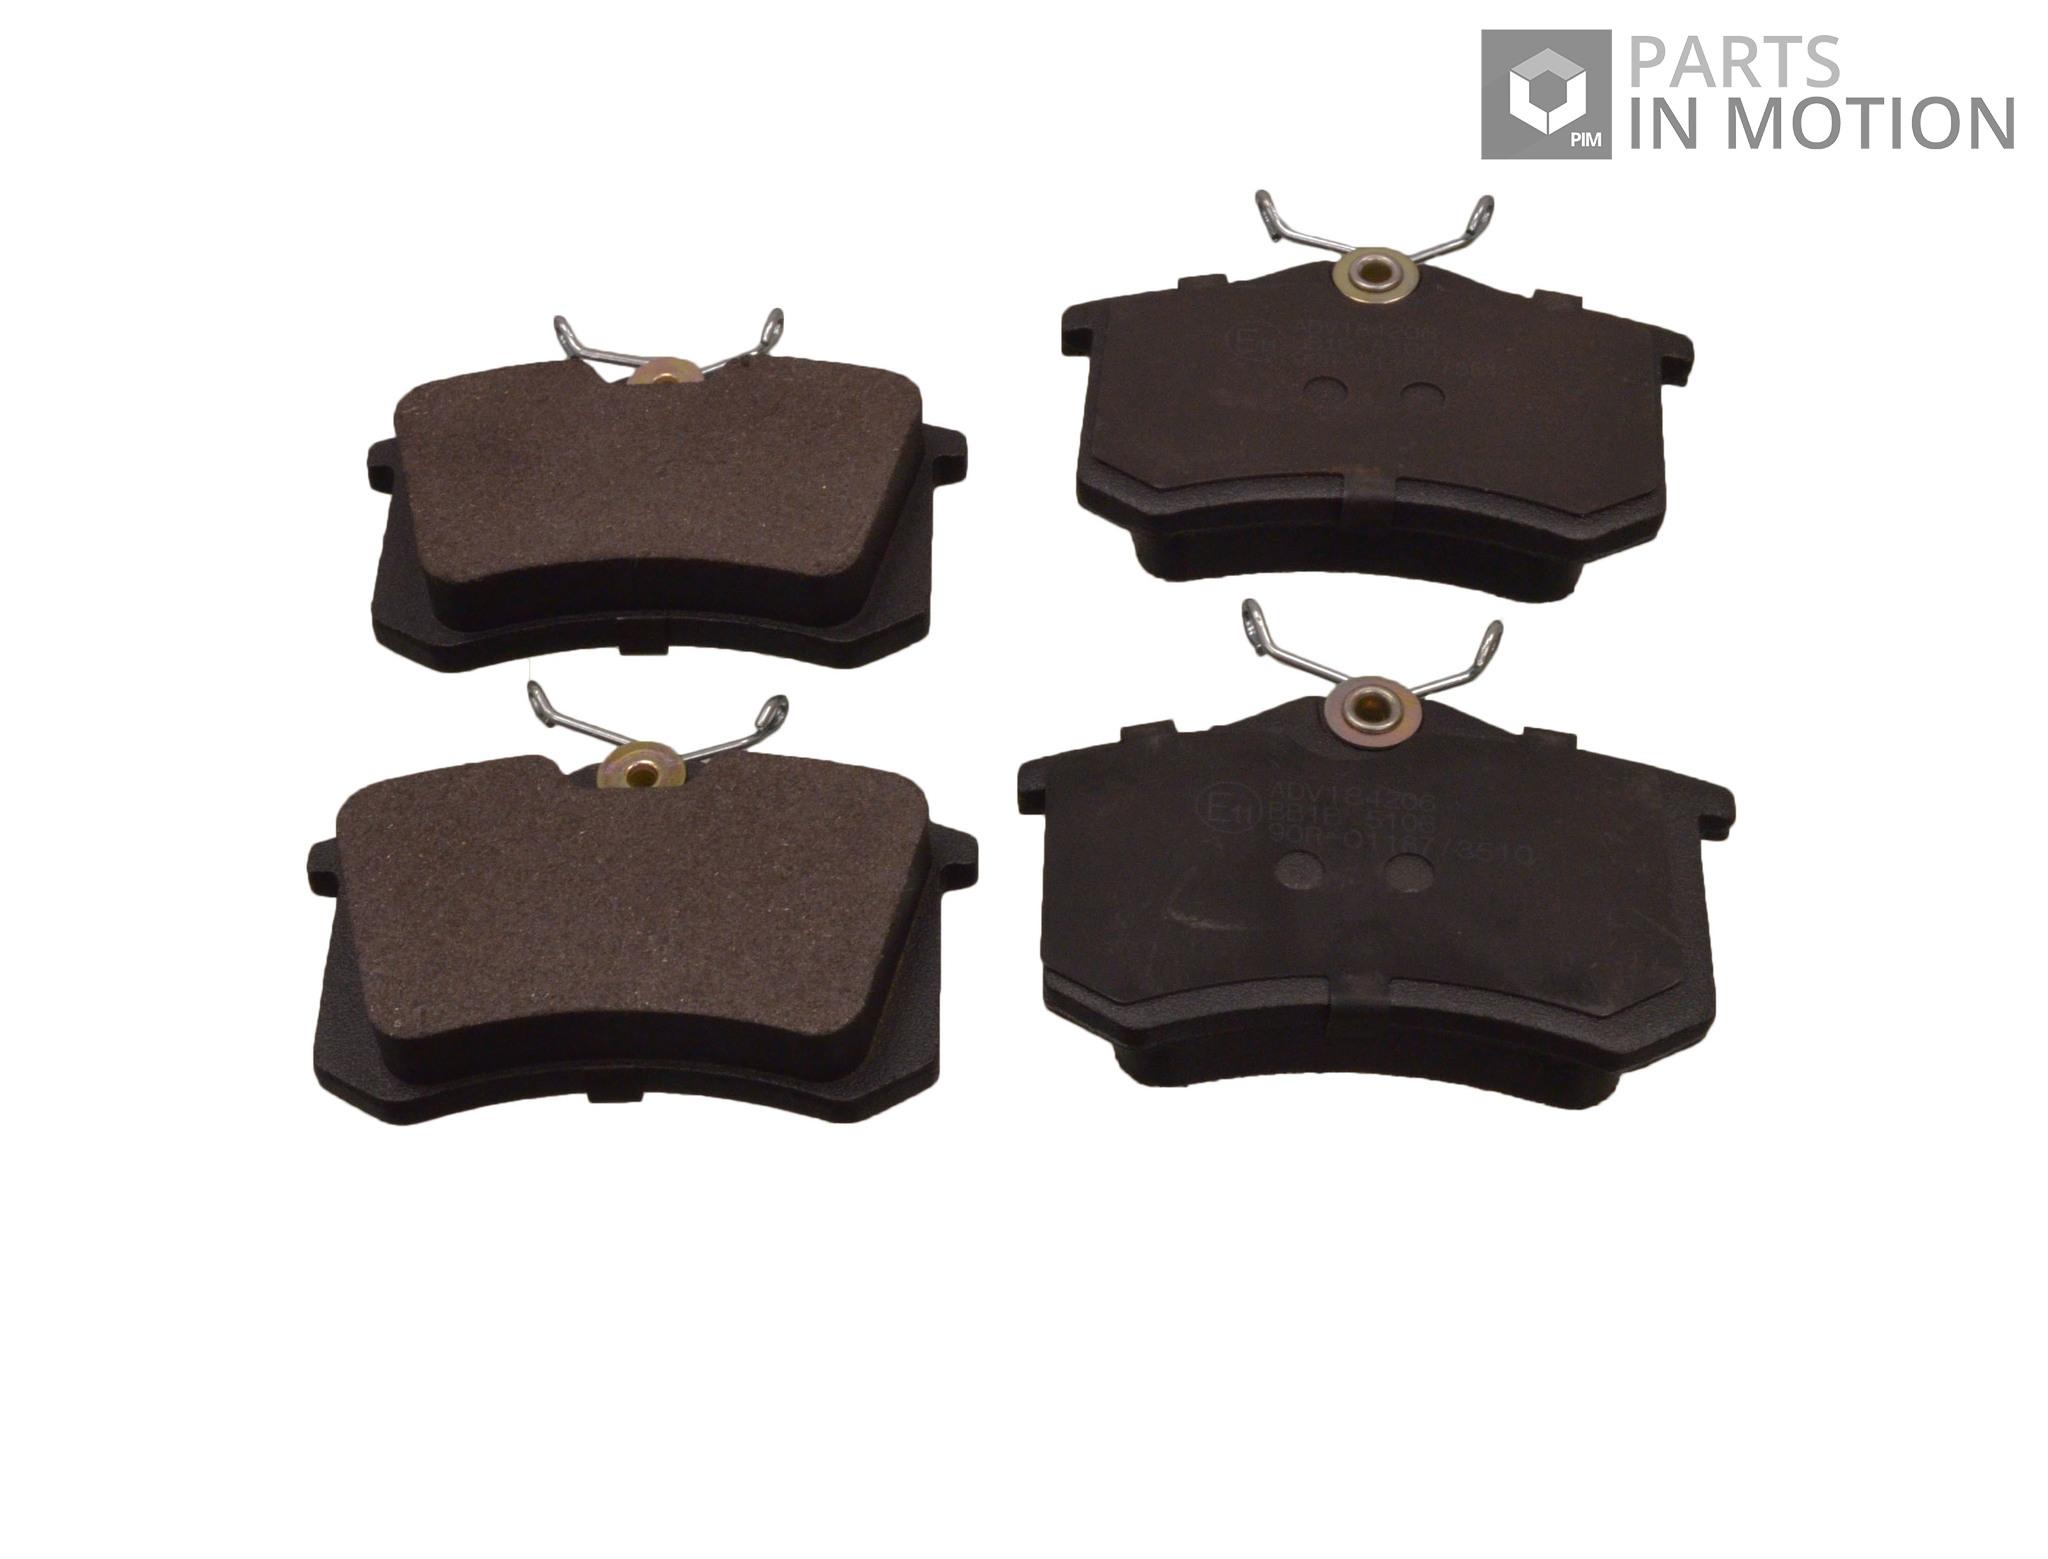 seat ibiza brake pads set rear 2002 on adl 1j0698451j 1j0698451s 1j0698451 new ebay. Black Bedroom Furniture Sets. Home Design Ideas